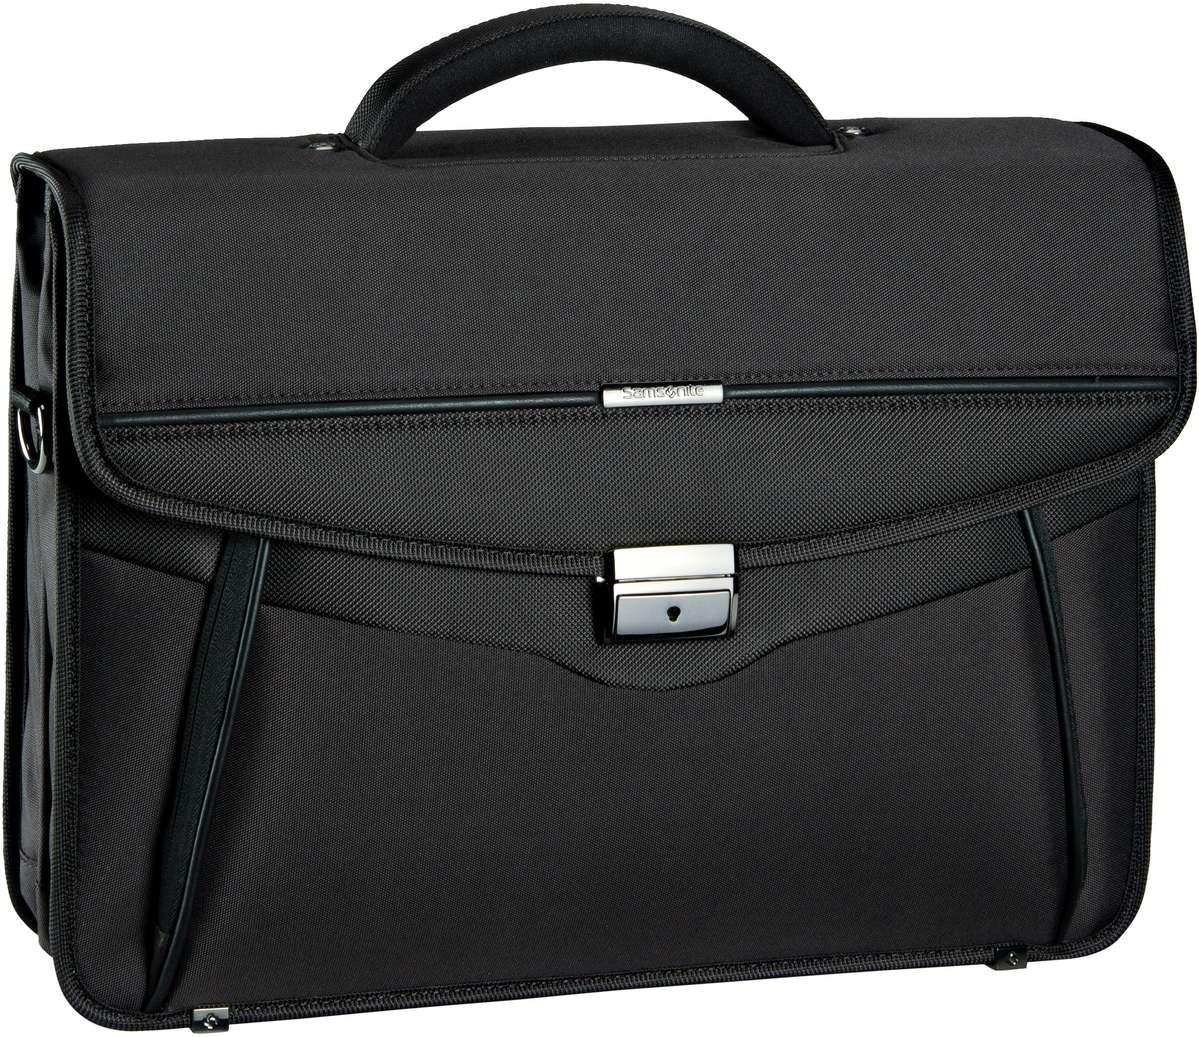 Schmogrow-Fehrow Angebote Samsonite Desklite Briefcase 2 Gussets 15.6´´ Black - Aktentasche